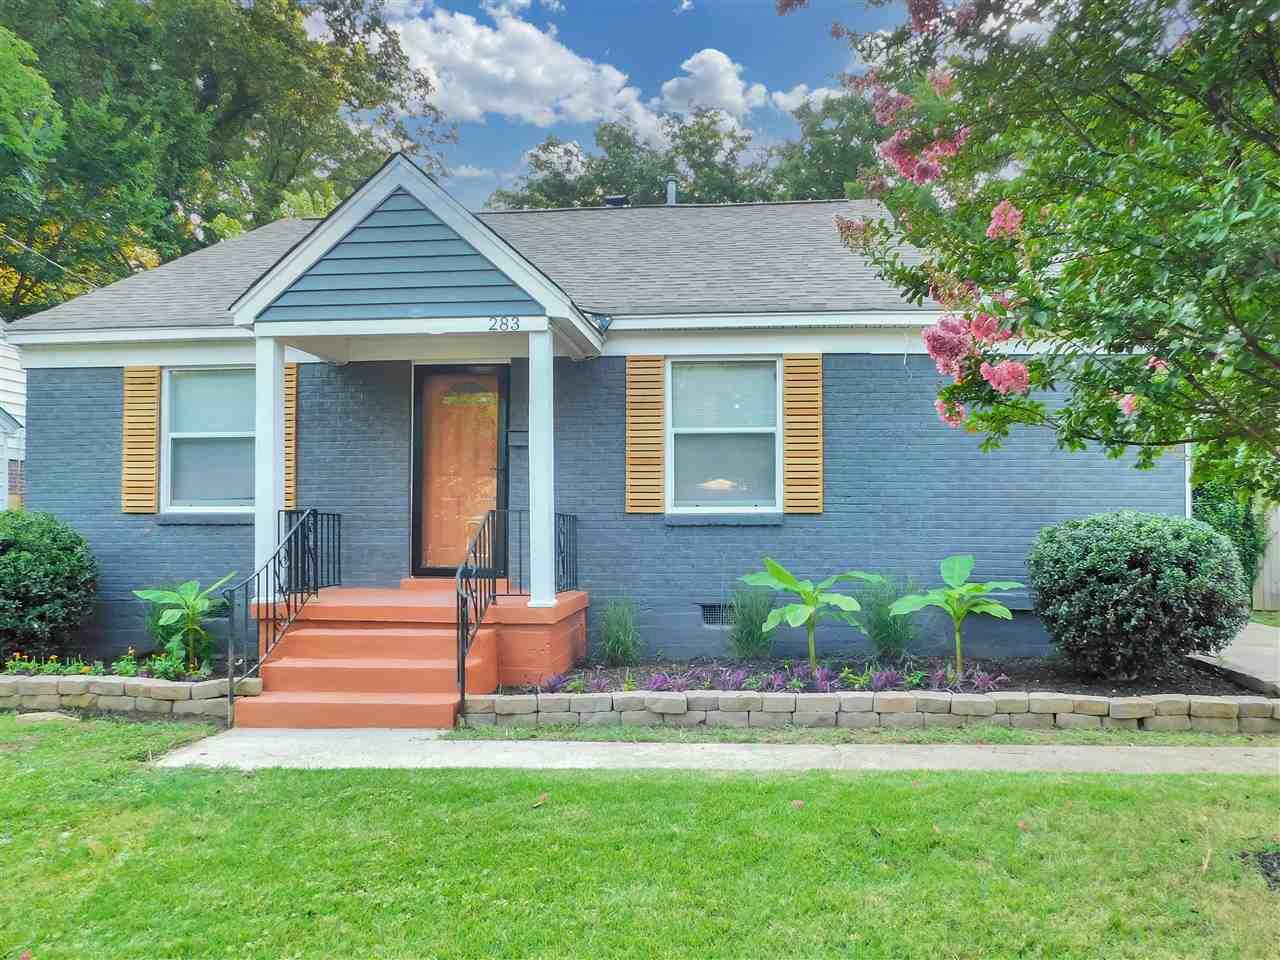 283 WILLIFORD ST, Memphis, TN 38112